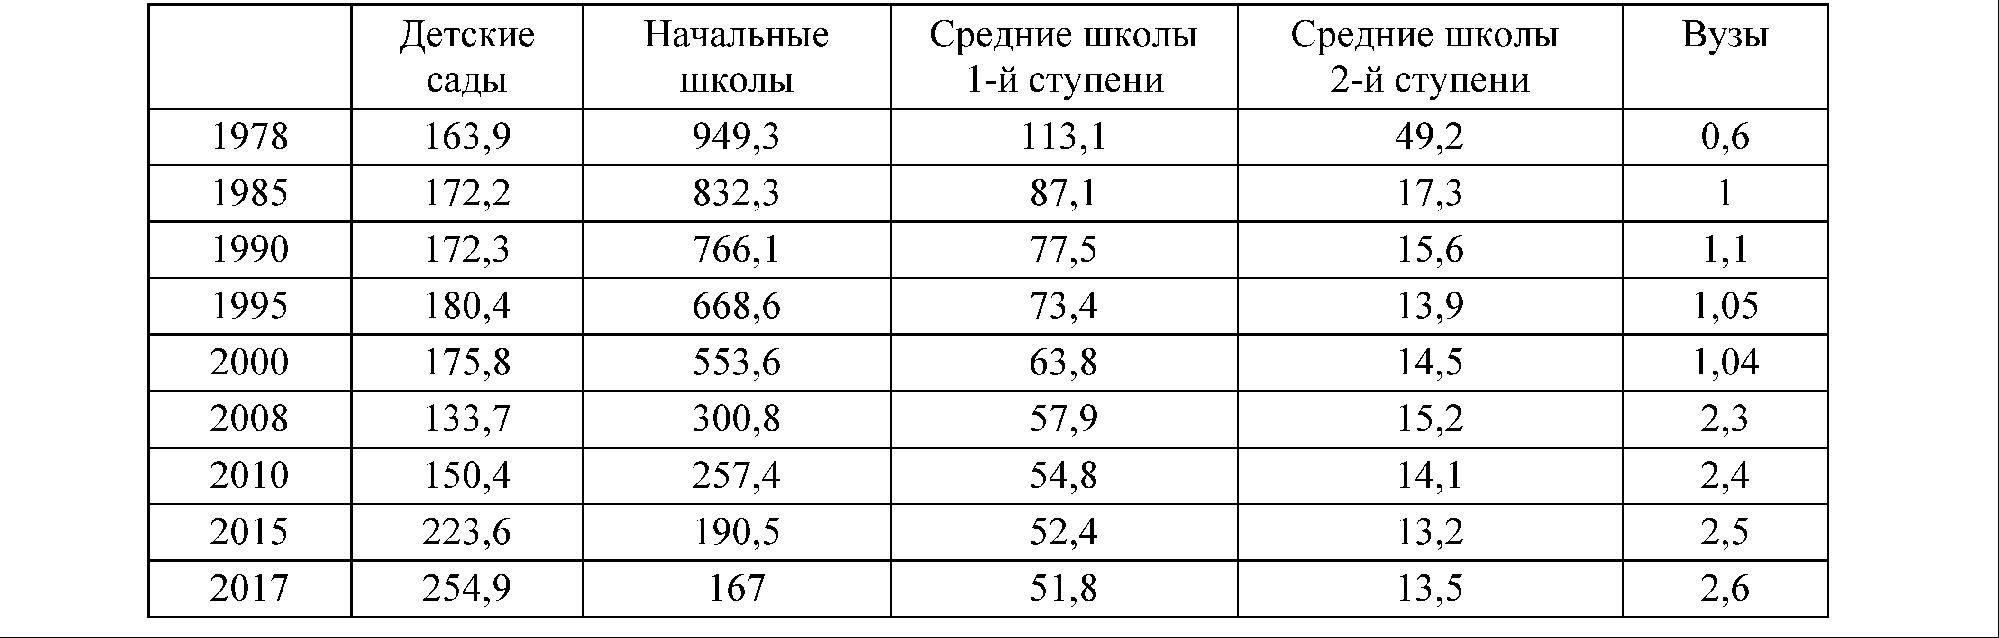 Таблица 2. Количество учебных заведений разных ступеней (тыс.)